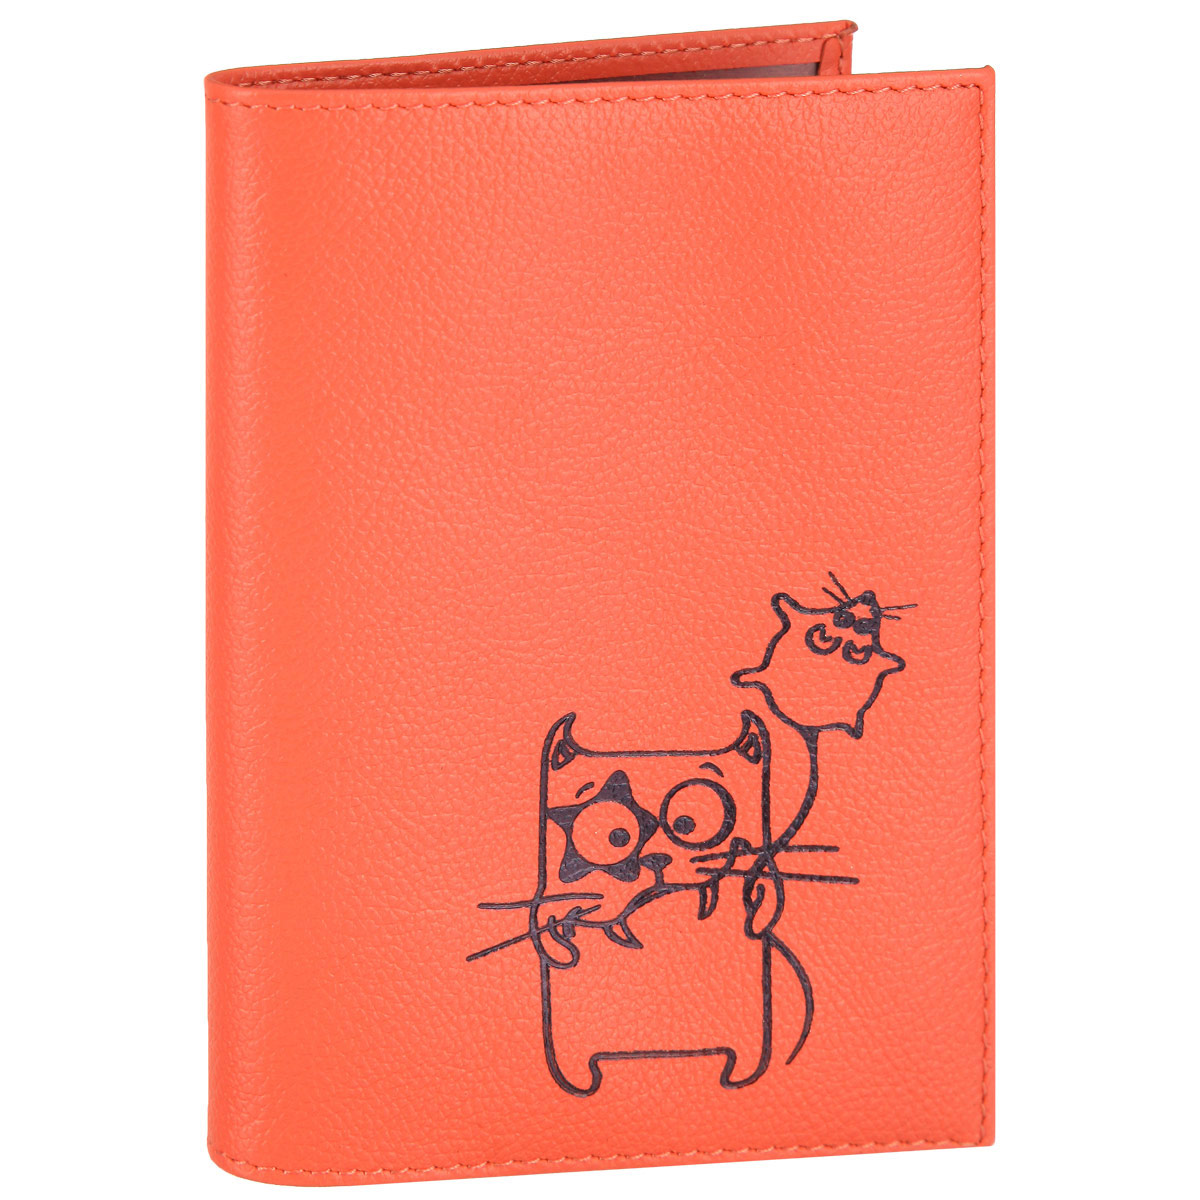 Обложка для паспорта Fabula Friends цвет: грейпфрут. O.30.CH2464 westСтильная обложка для паспорта Fabula Friends выполнена из натуральной кожи с зернистой текстурой, оформлена художественной печатью с изображением забавного котика. Обложка для паспорта раскладывается пополам, внутри расположены два пластиковых кармашка.Такая обложка для паспорта станет прекрасным и стильным подарком человеку, любящему оригинальные и практичные вещи.